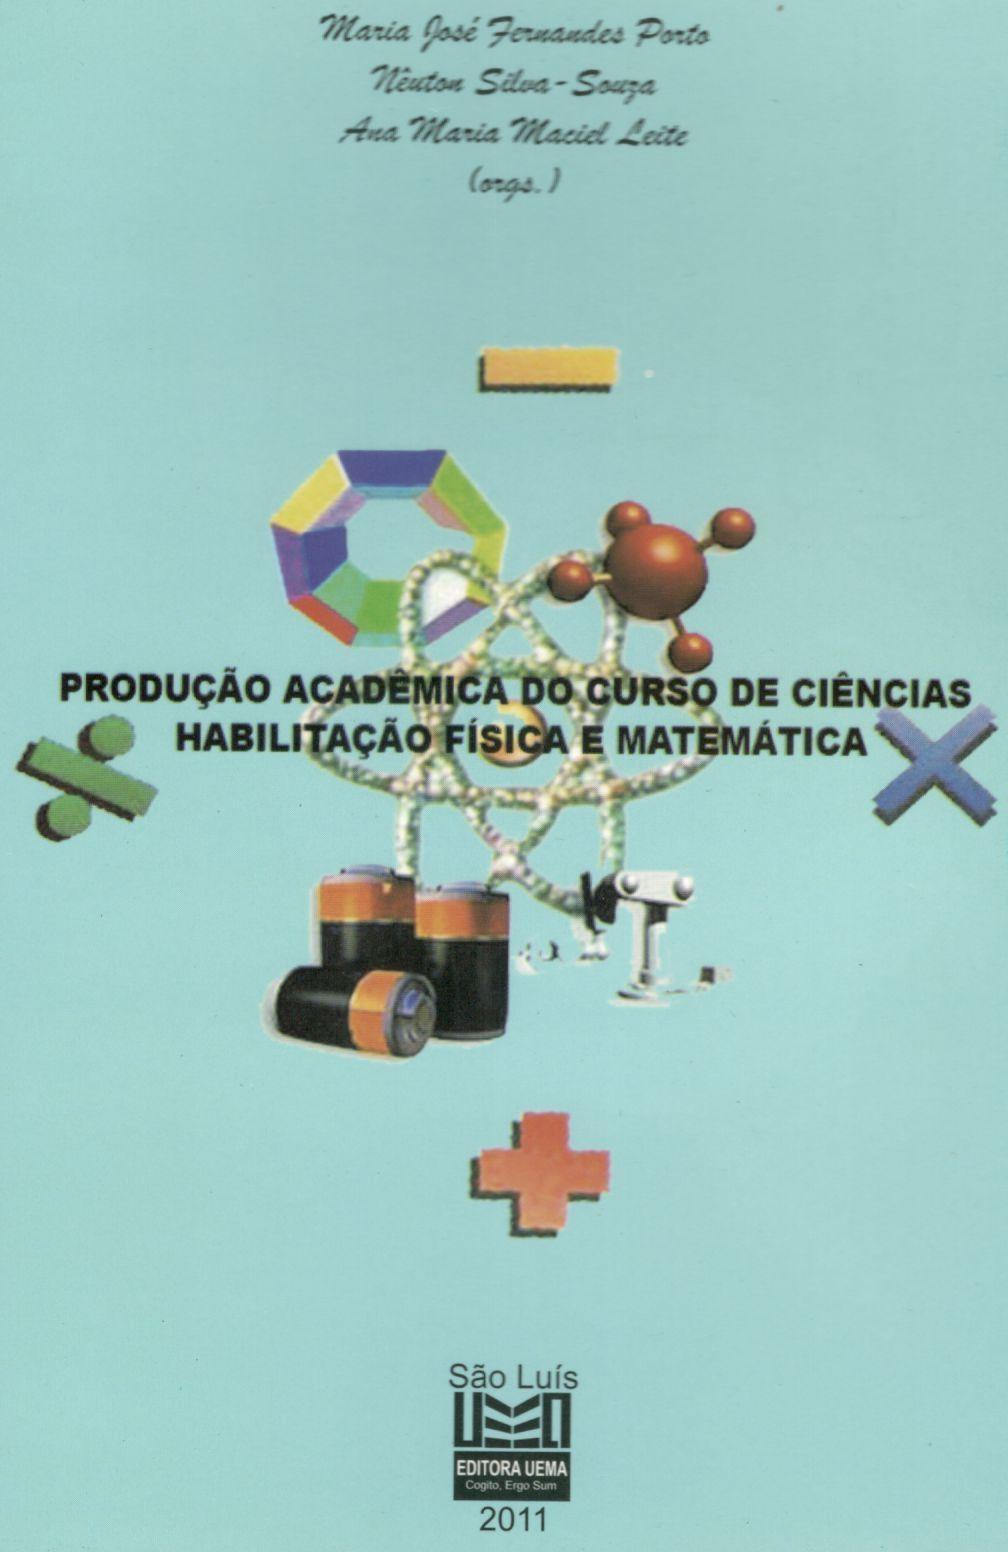 Produção acadêmica do curso de ciências habilitação física e matemática (Esgotado)